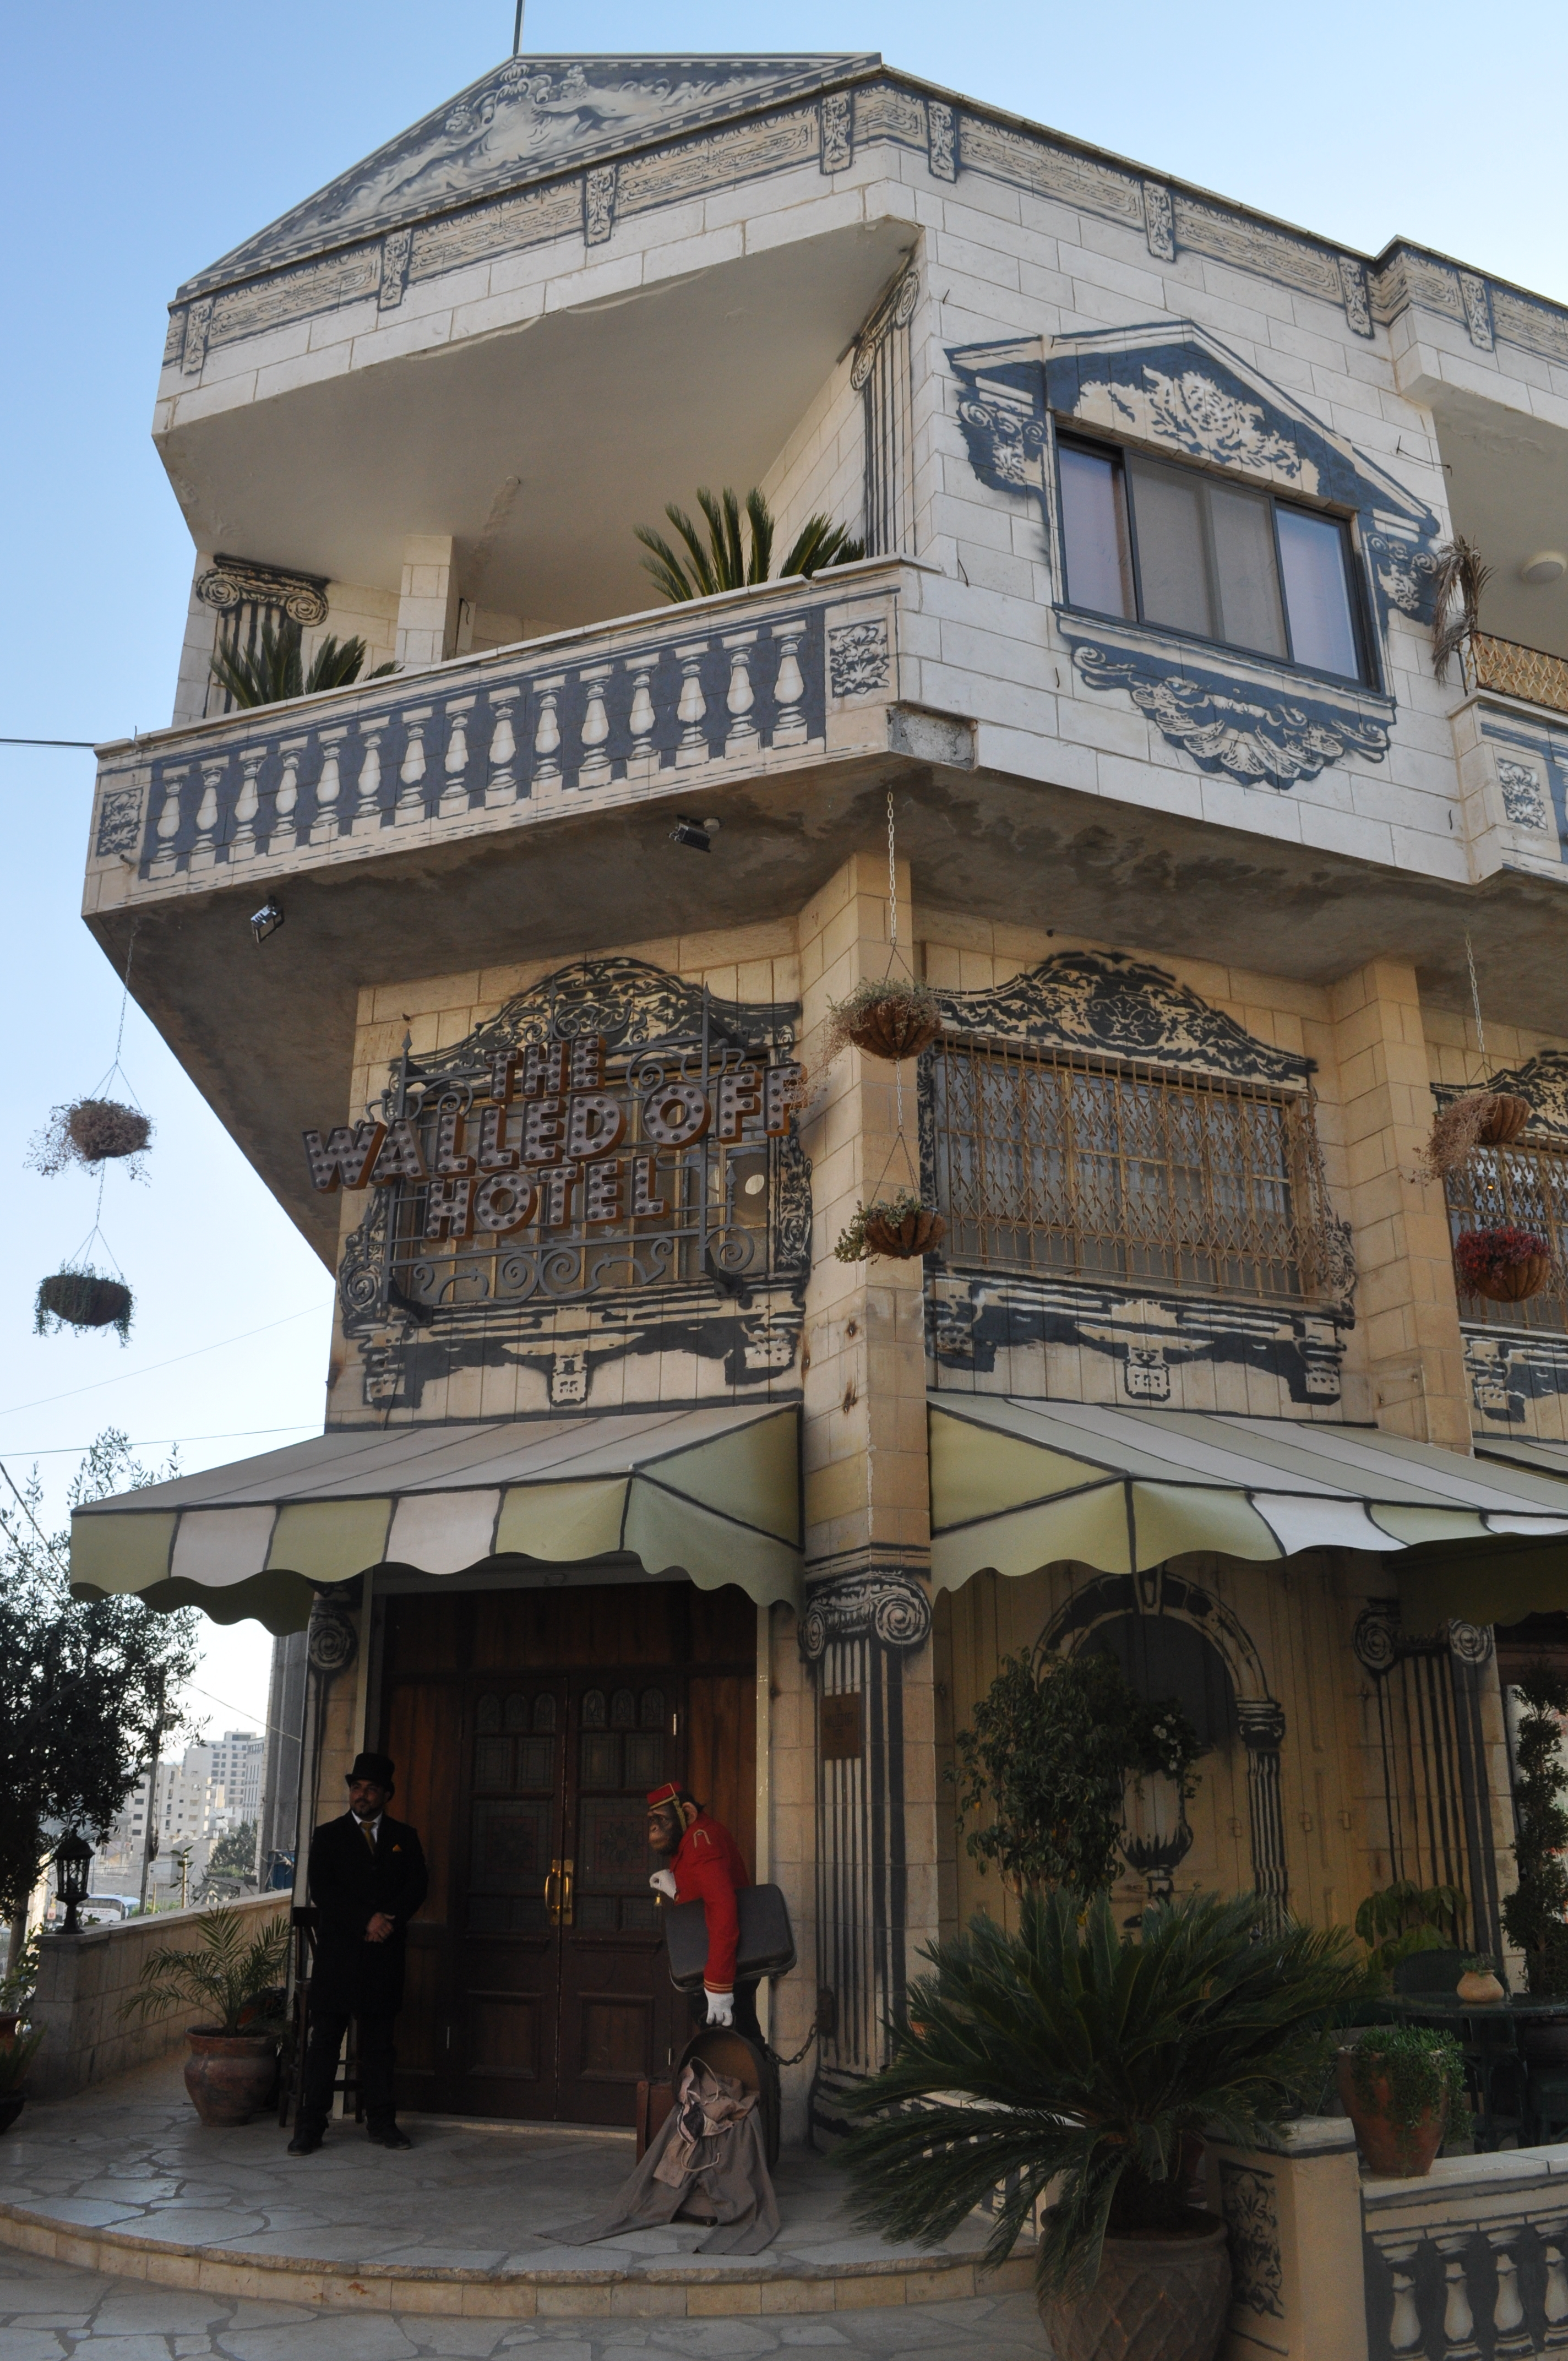 rocaille-blog-palestine-bethlehem-west-bank-banksy-5